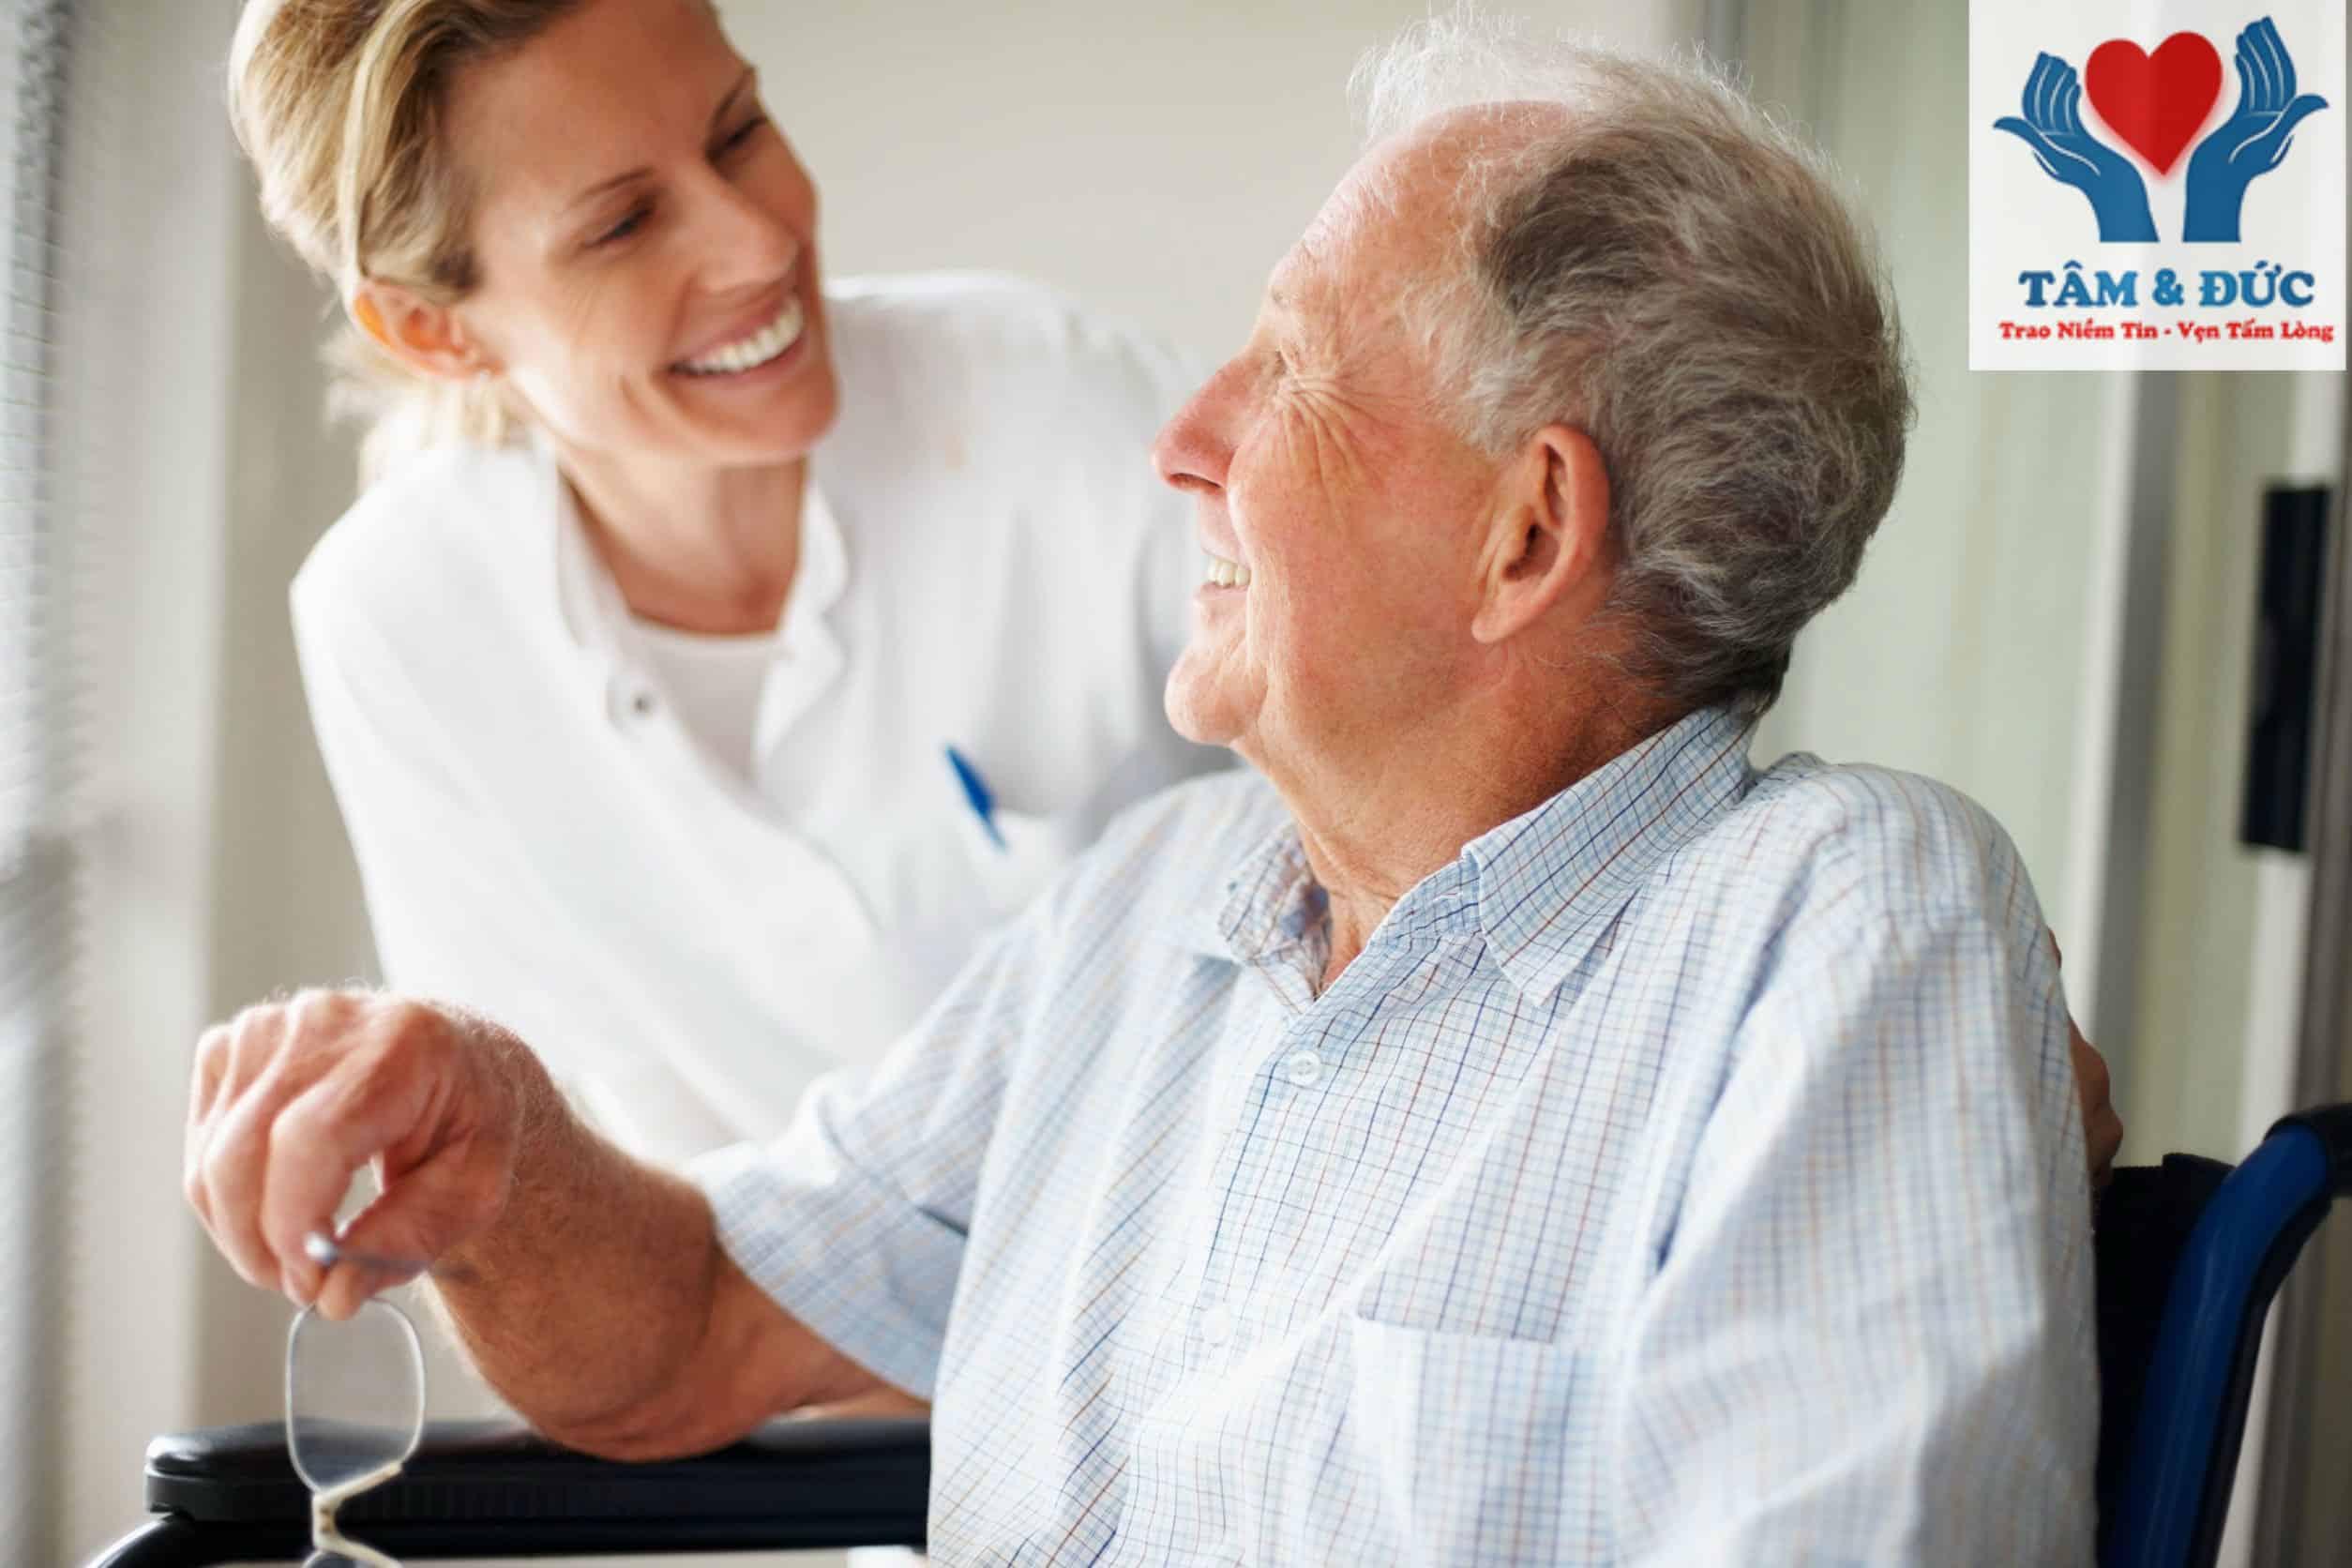 Bạn Muốn Biết Top 5 Công Ty Chăm Sóc Bệnh Nhân Uy Tín Nhất Tphcm